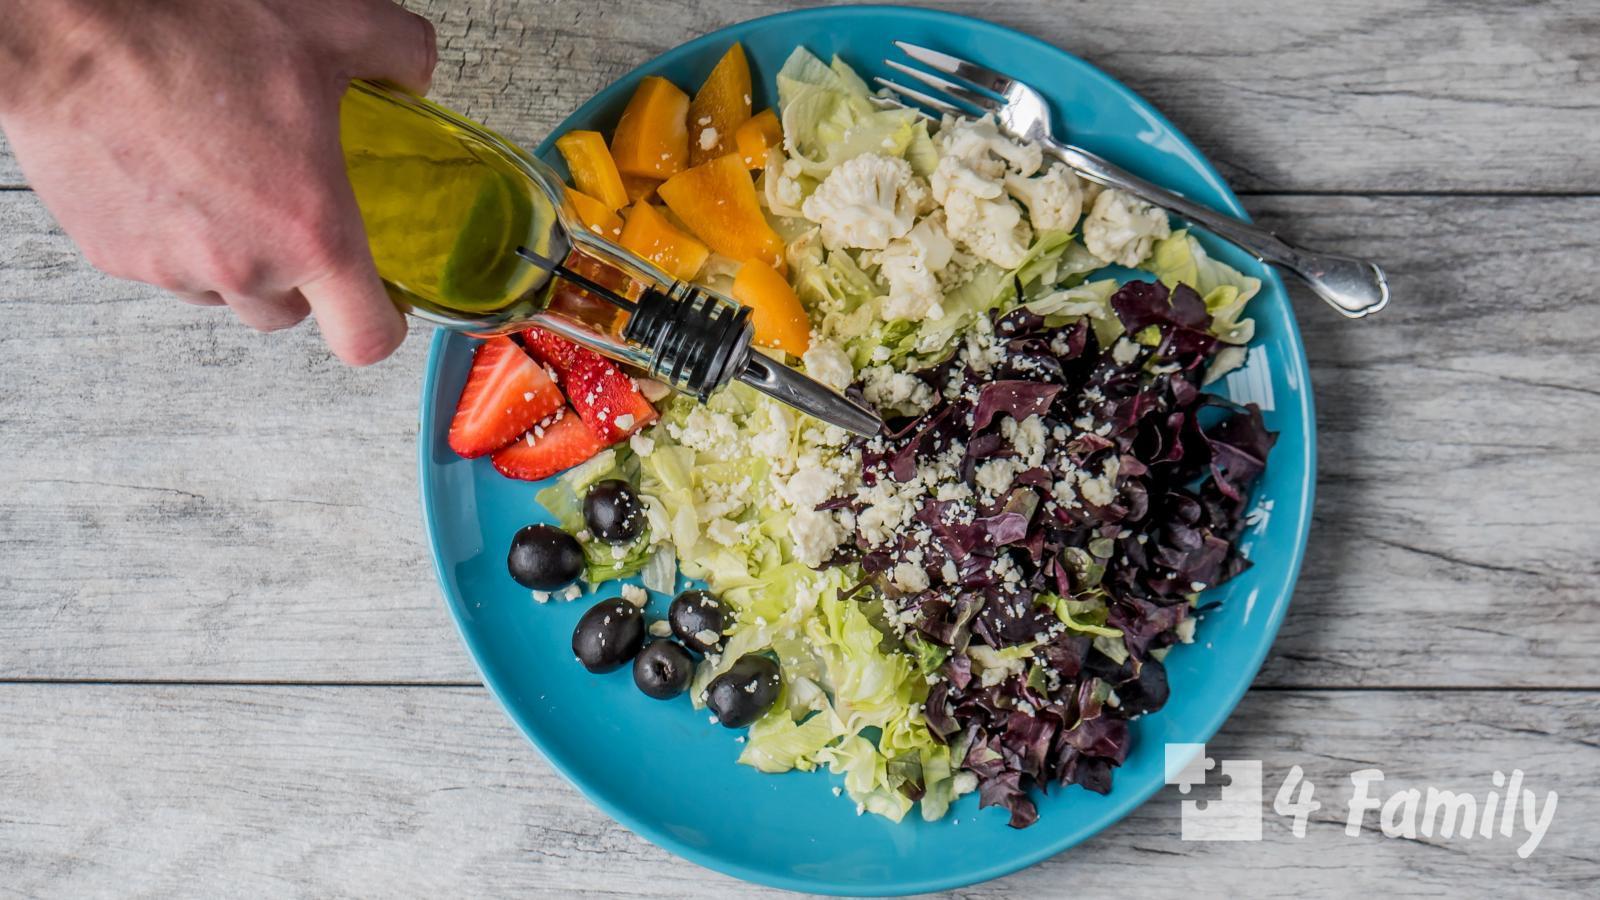 4family Здоровое питание – здоровая жизнь